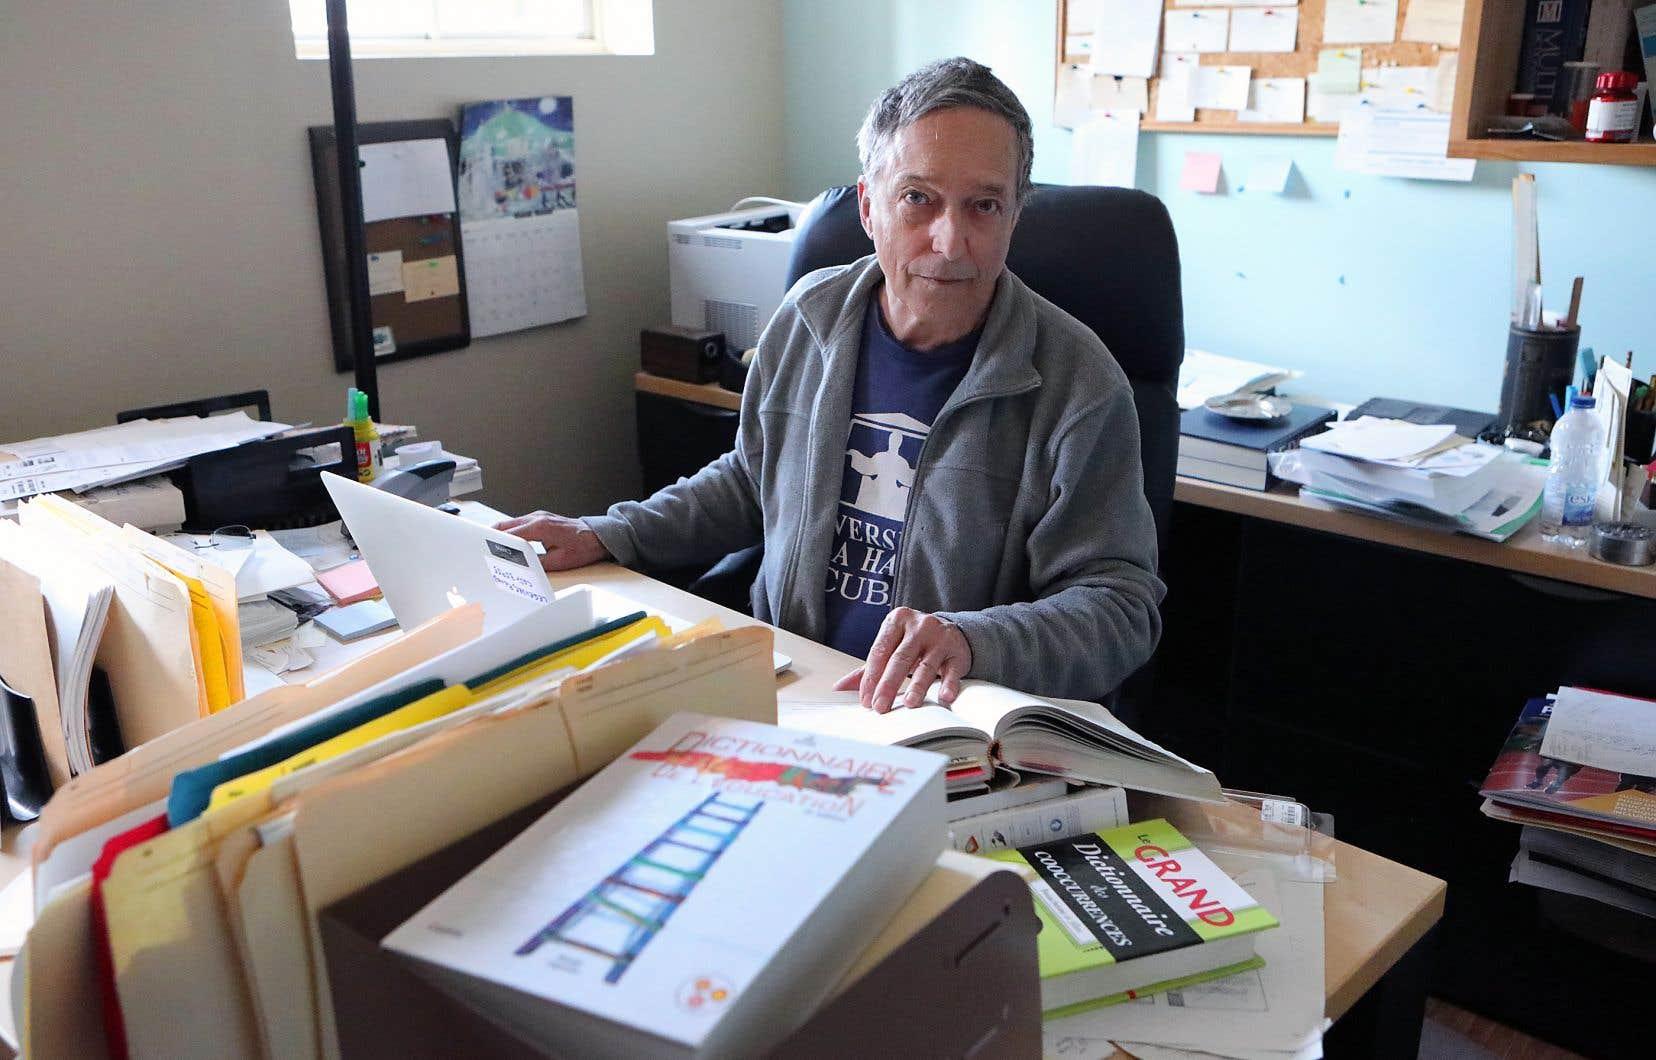 À 76ans, Renald Legendre travaille jusqu'à 10heures par jour sur cette quatrième édition.